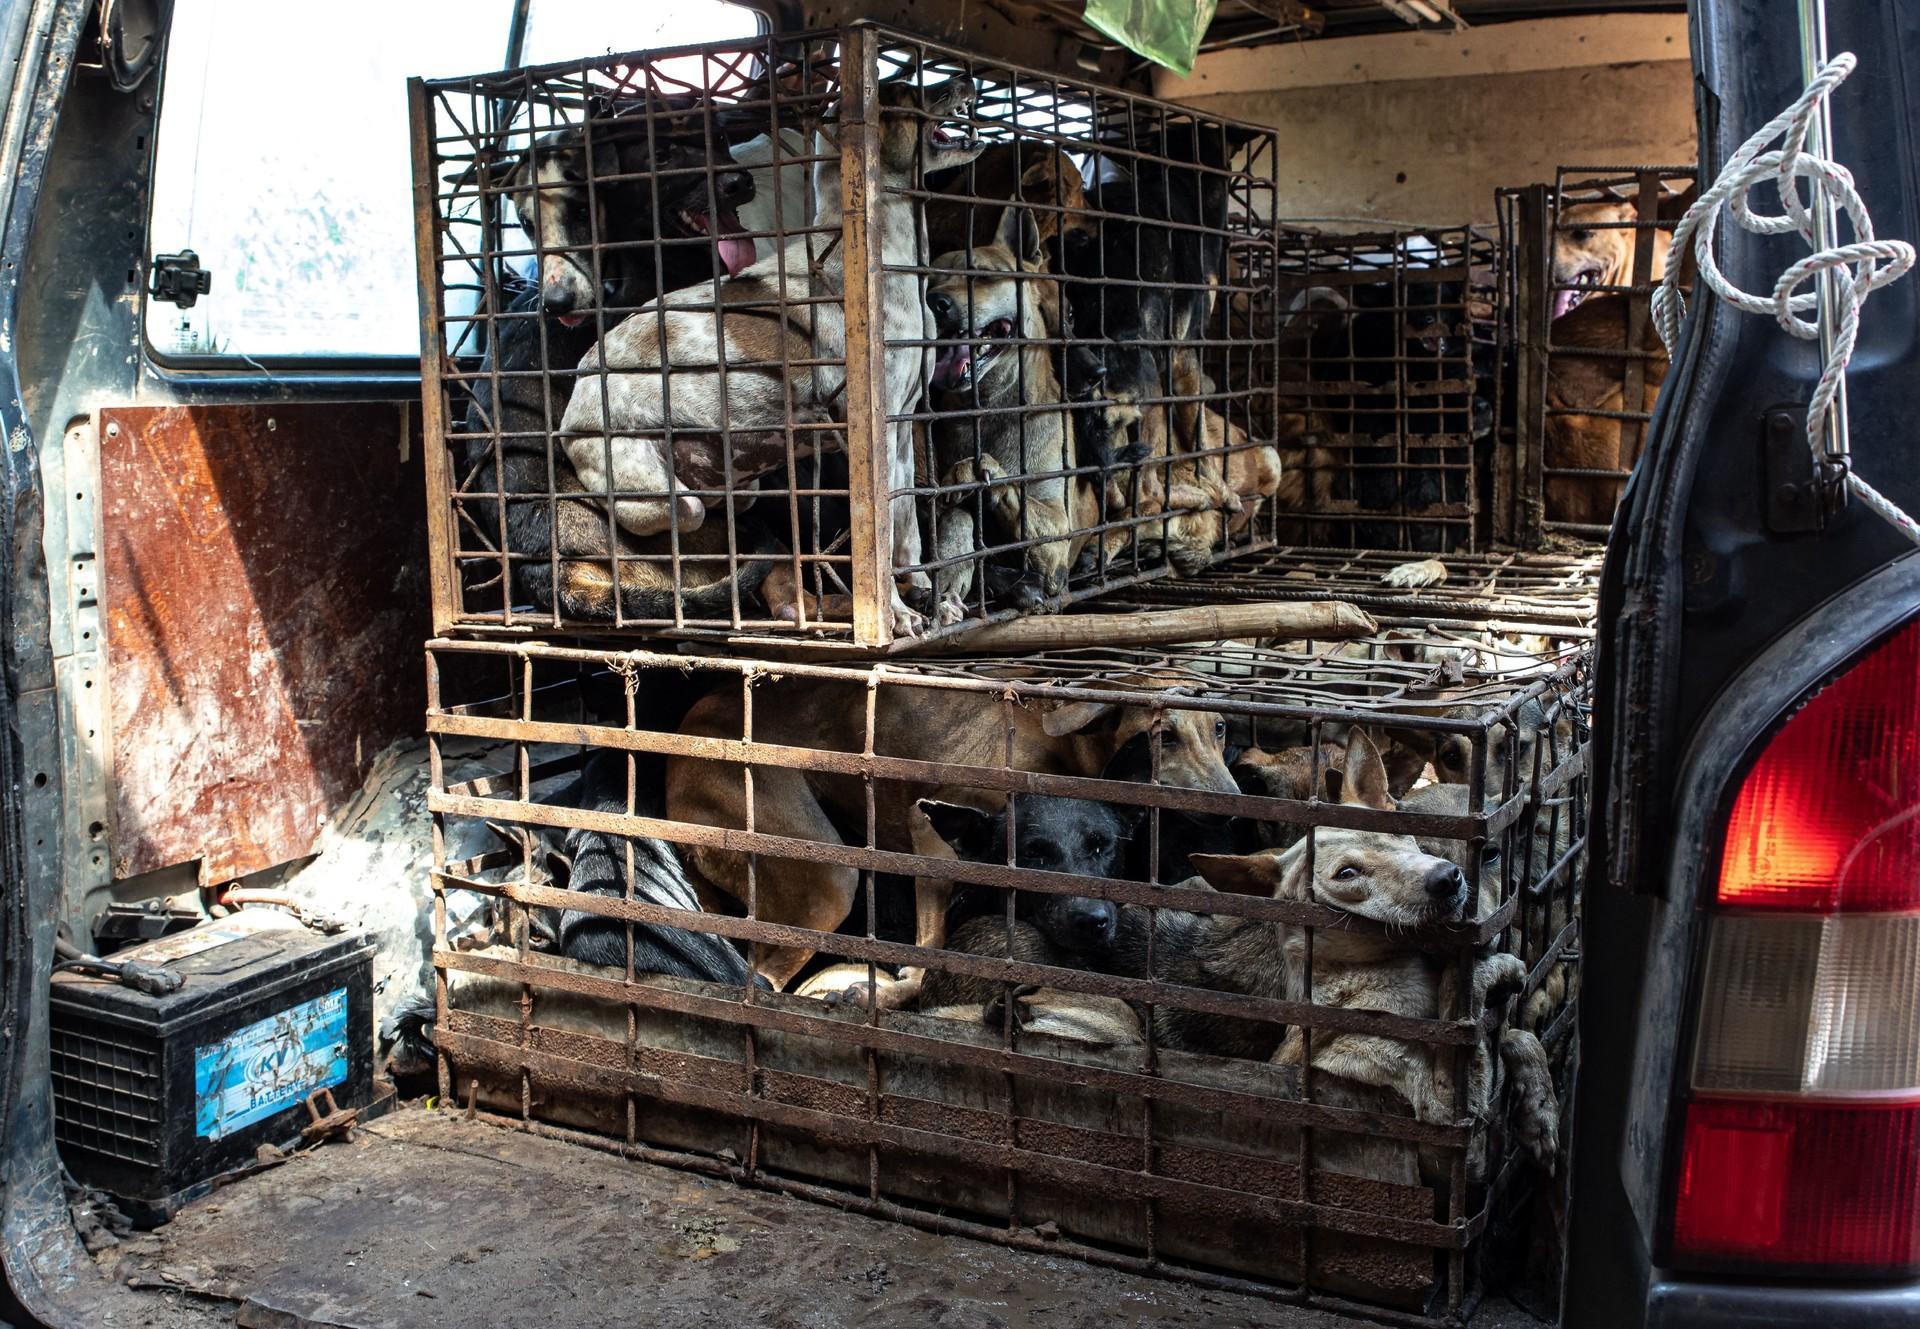 Les animaux sont transportés dans des conditions épouvantables